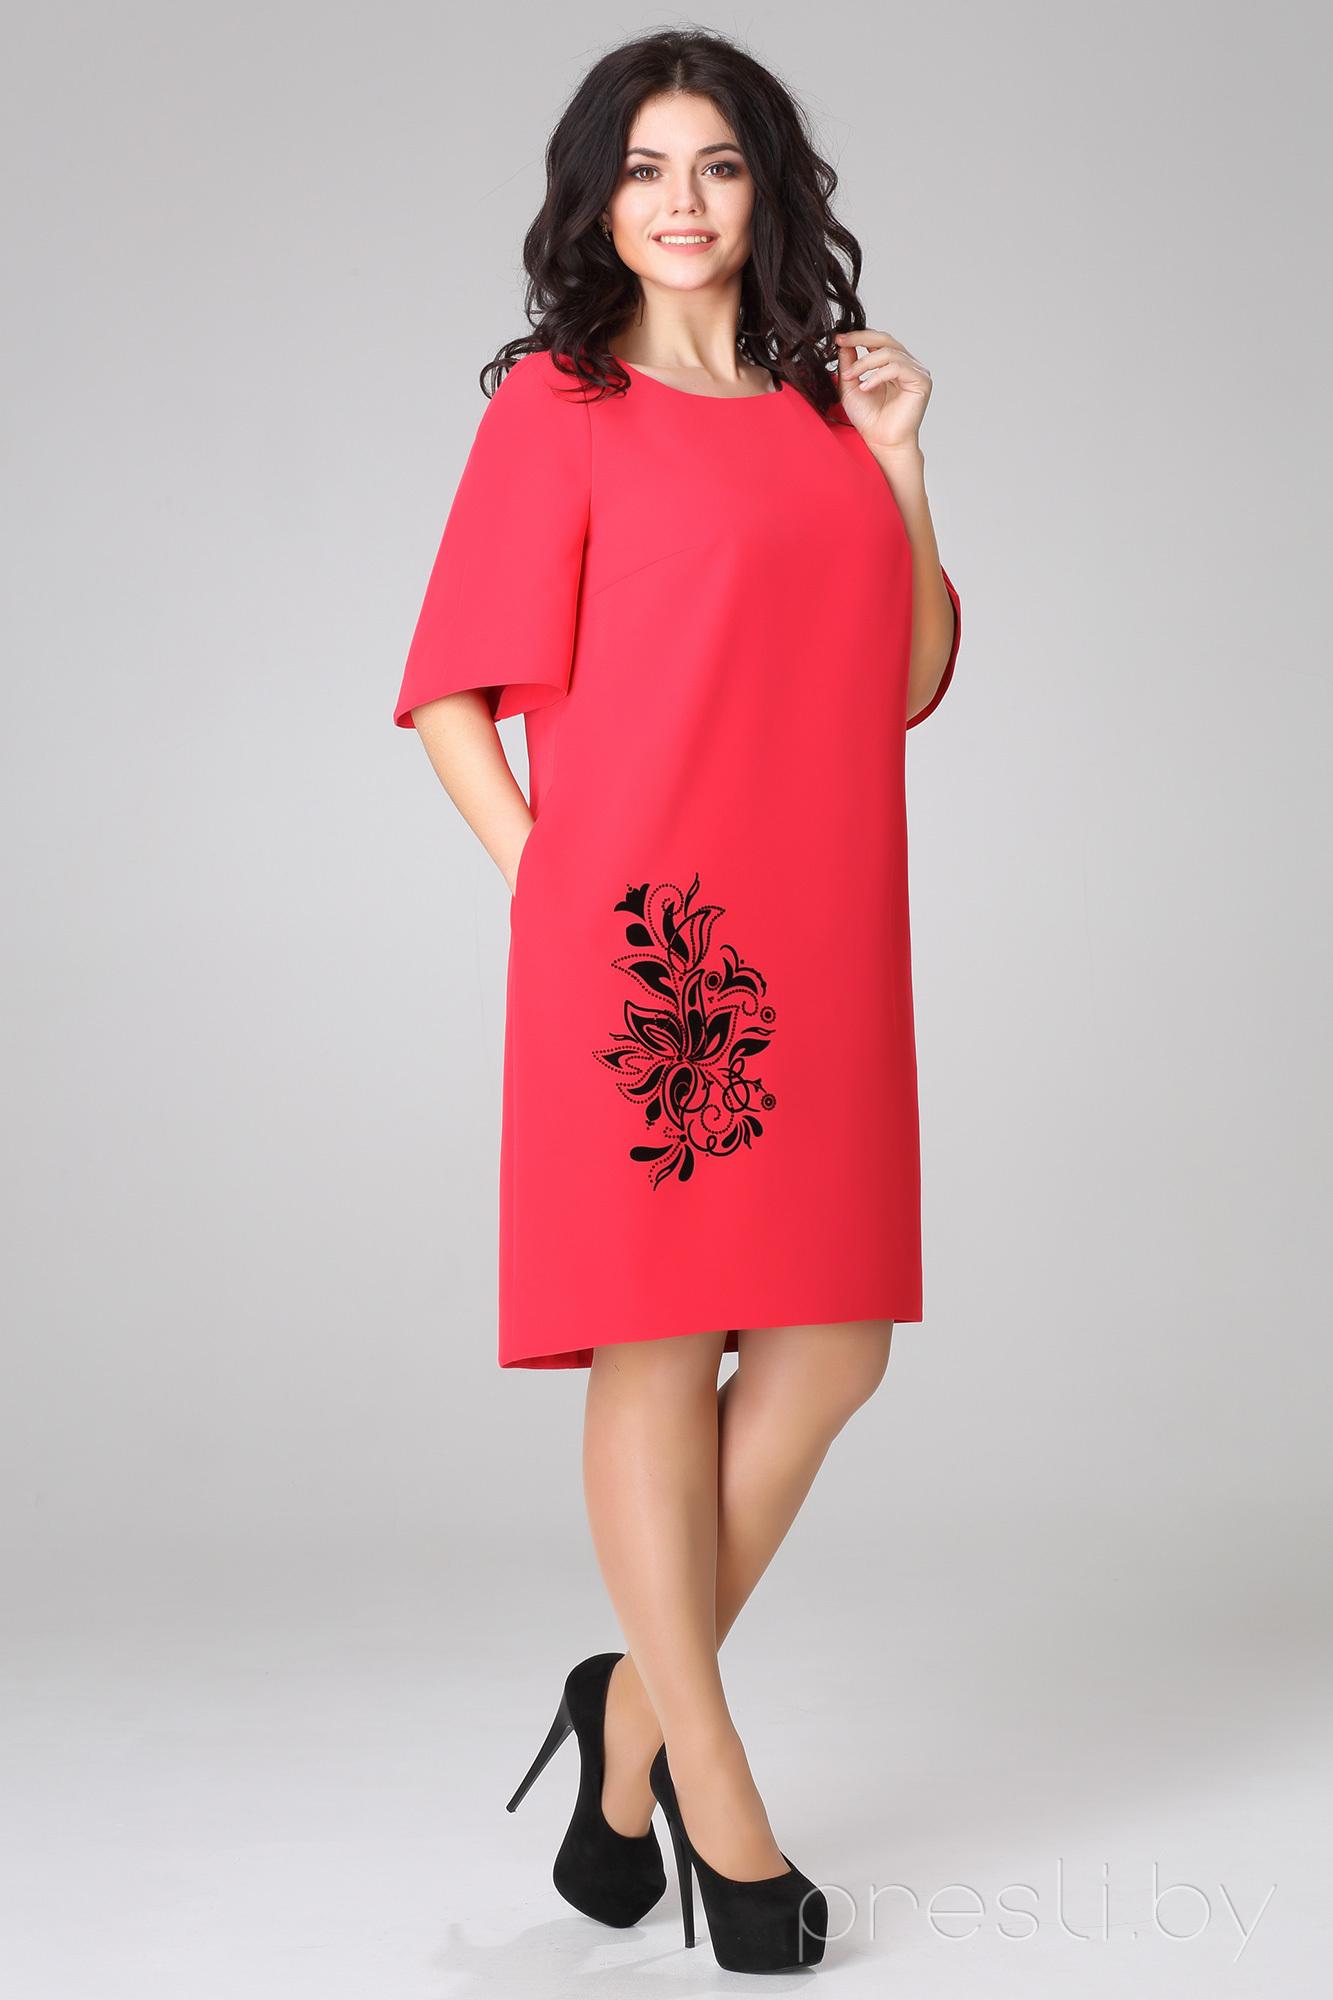 Платье Bonna Image 16-158 красный